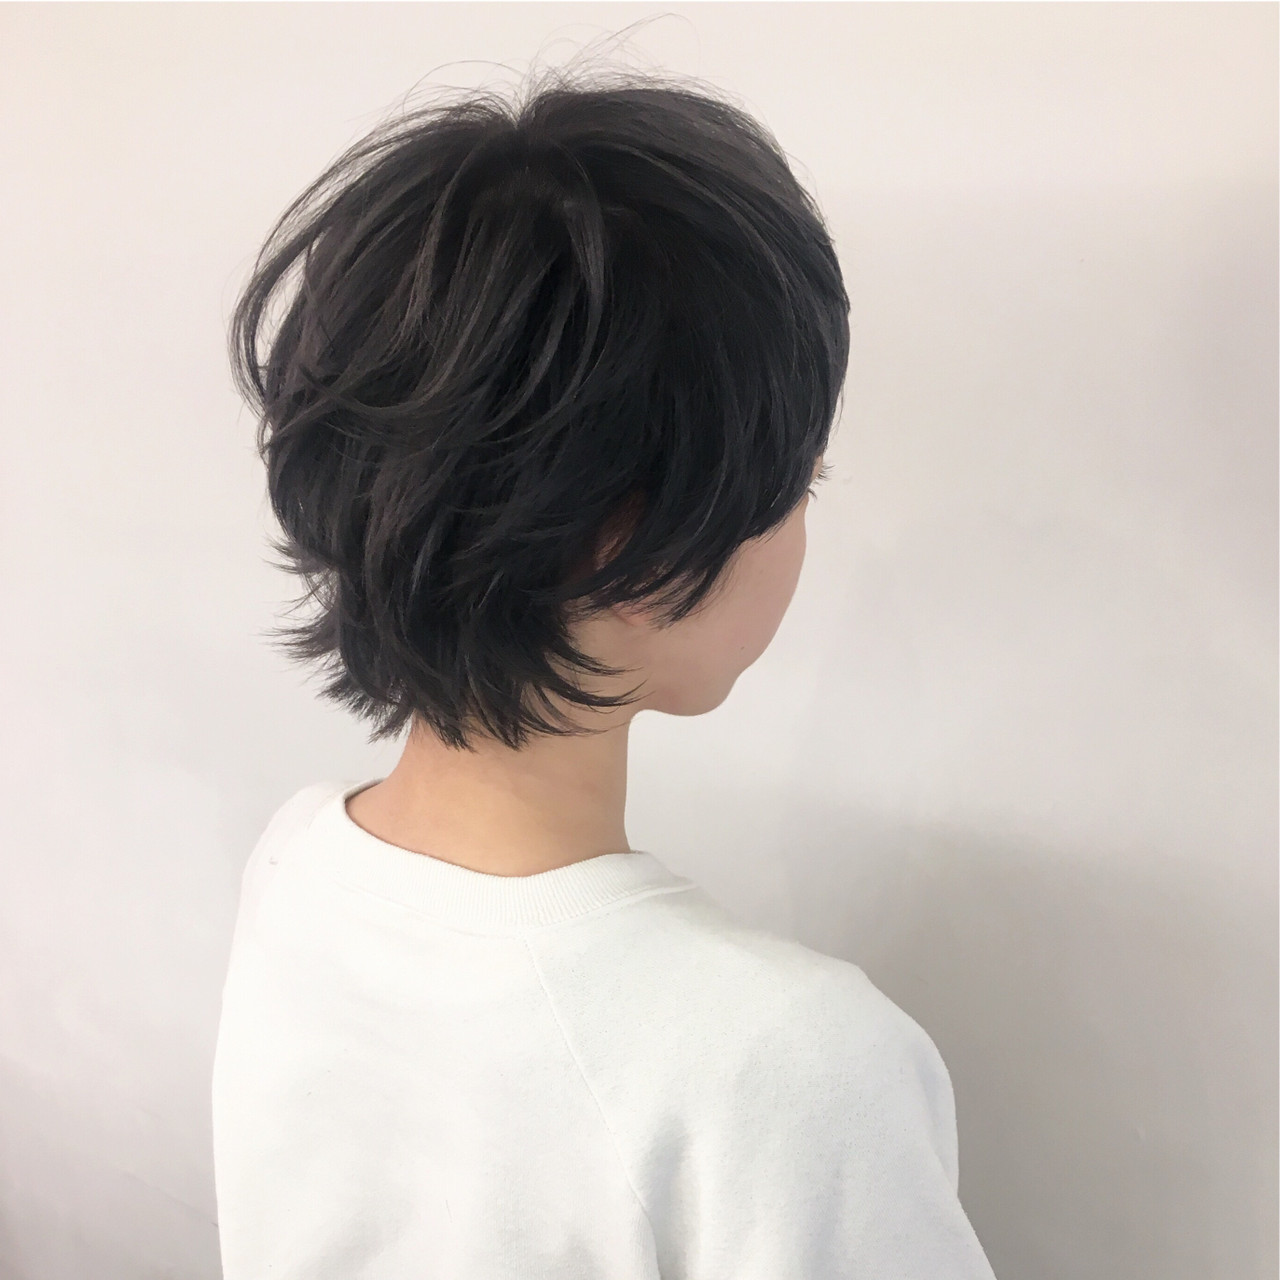 ショート ハイトーン モード ハイトーンカラー ヘアスタイルや髪型の写真・画像